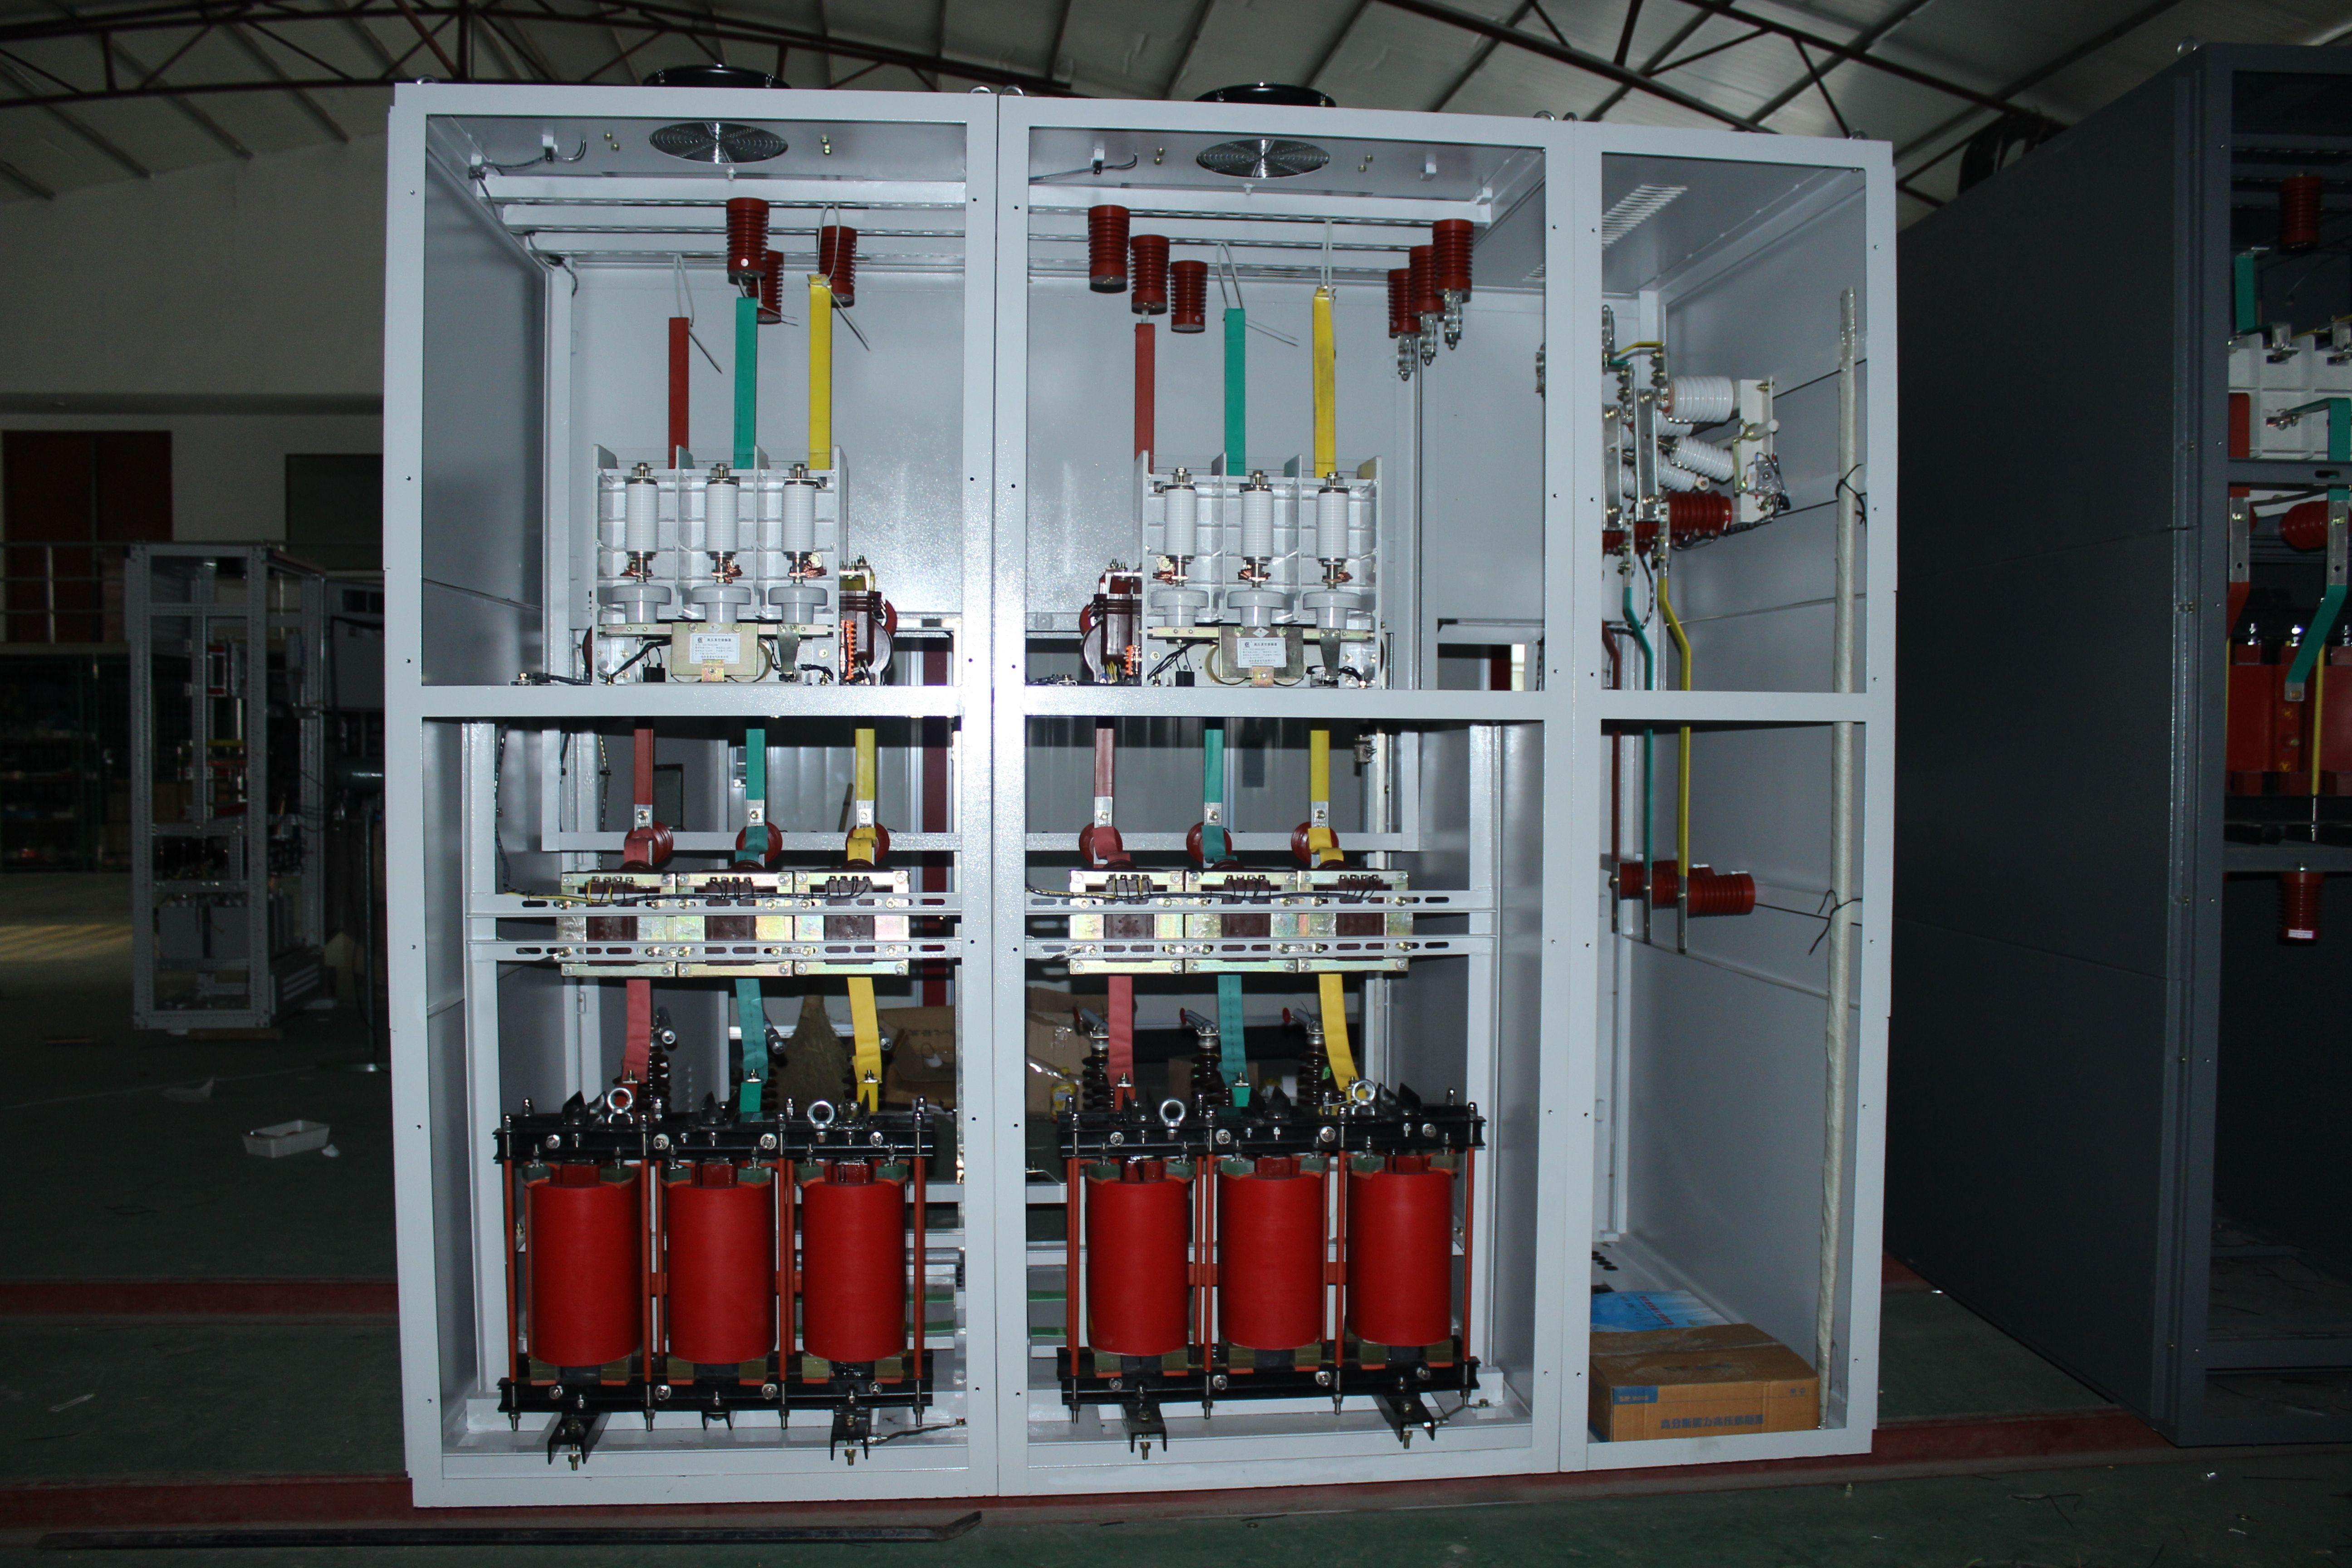 所以无功功率补偿装置在电力供电系统中处在一个不可缺少的非常重要的